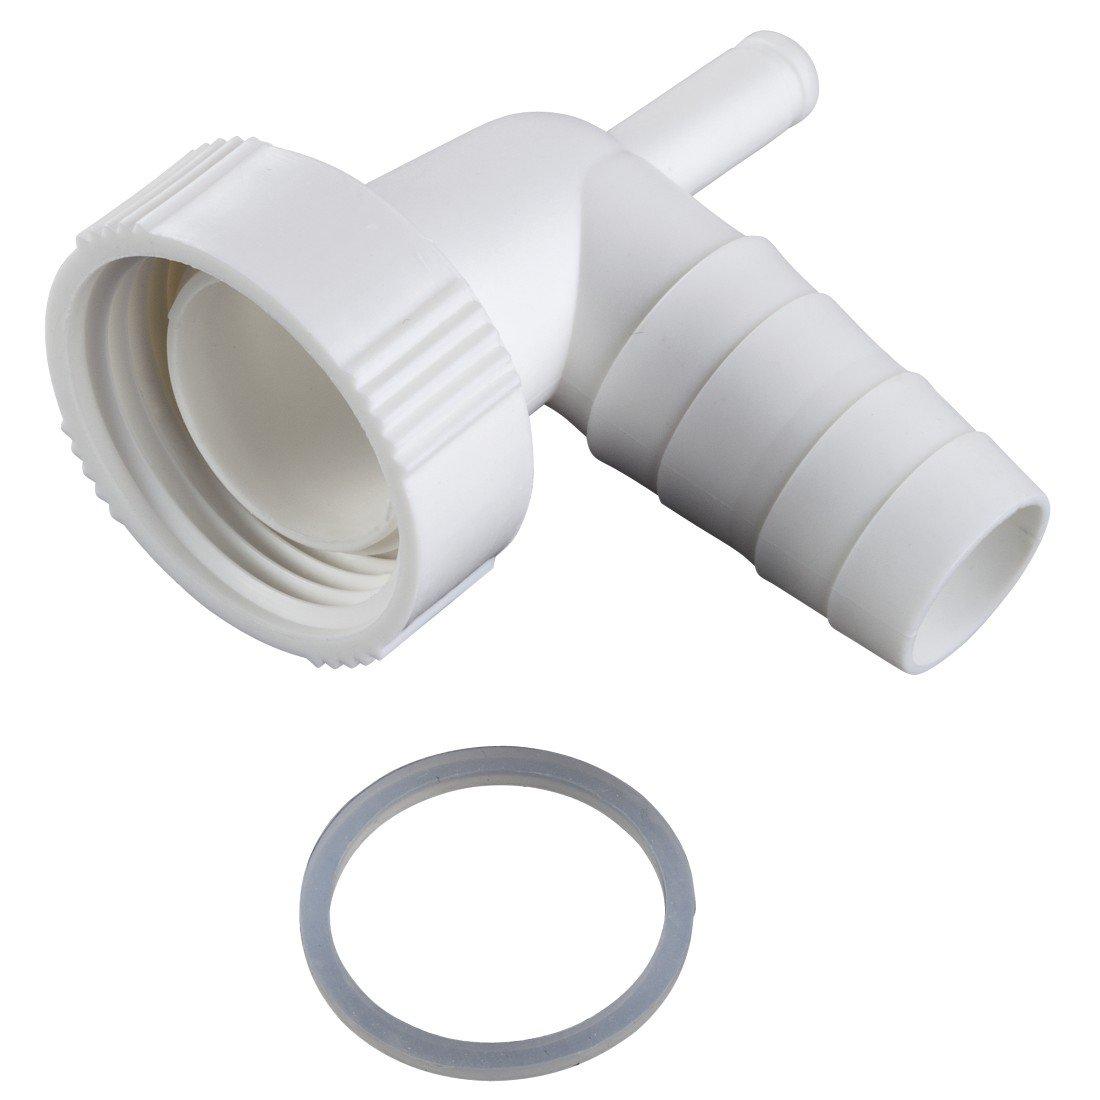 xavax dualer siphonanschluss zum anschluss von kondenstrockner und waschmaschine am siphon. Black Bedroom Furniture Sets. Home Design Ideas